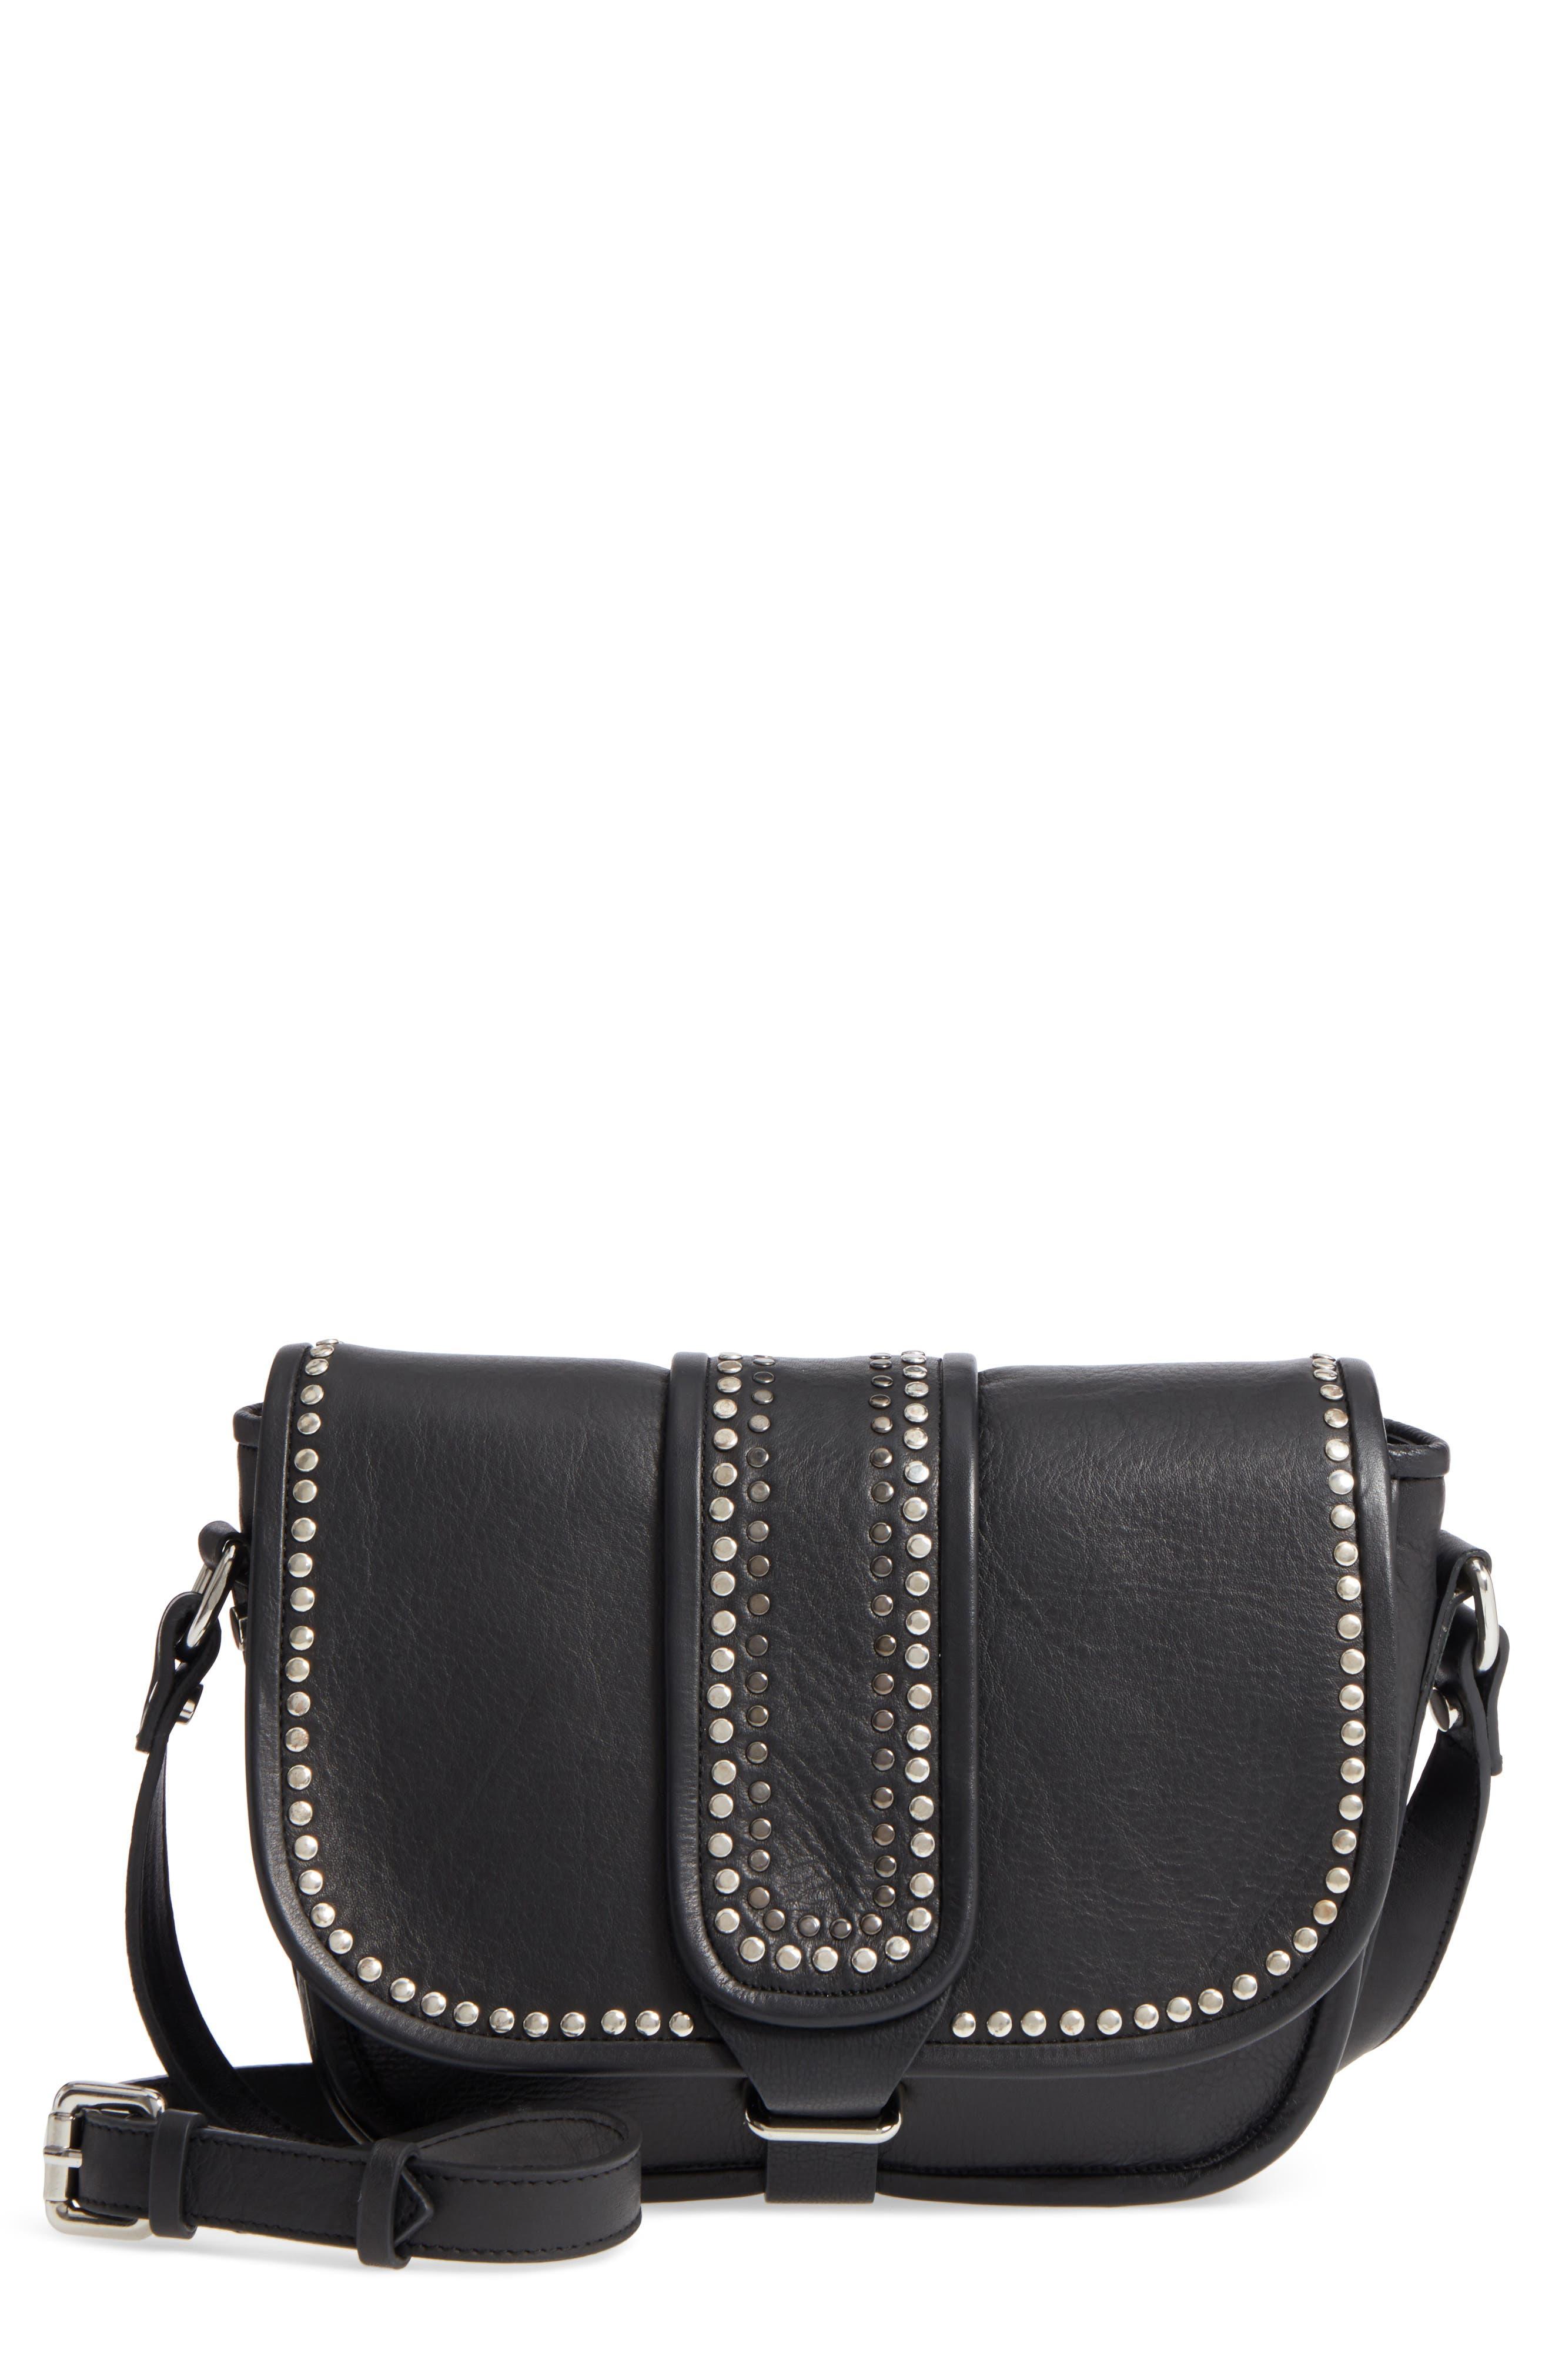 Topshop Studded Leather Shoulder Bag